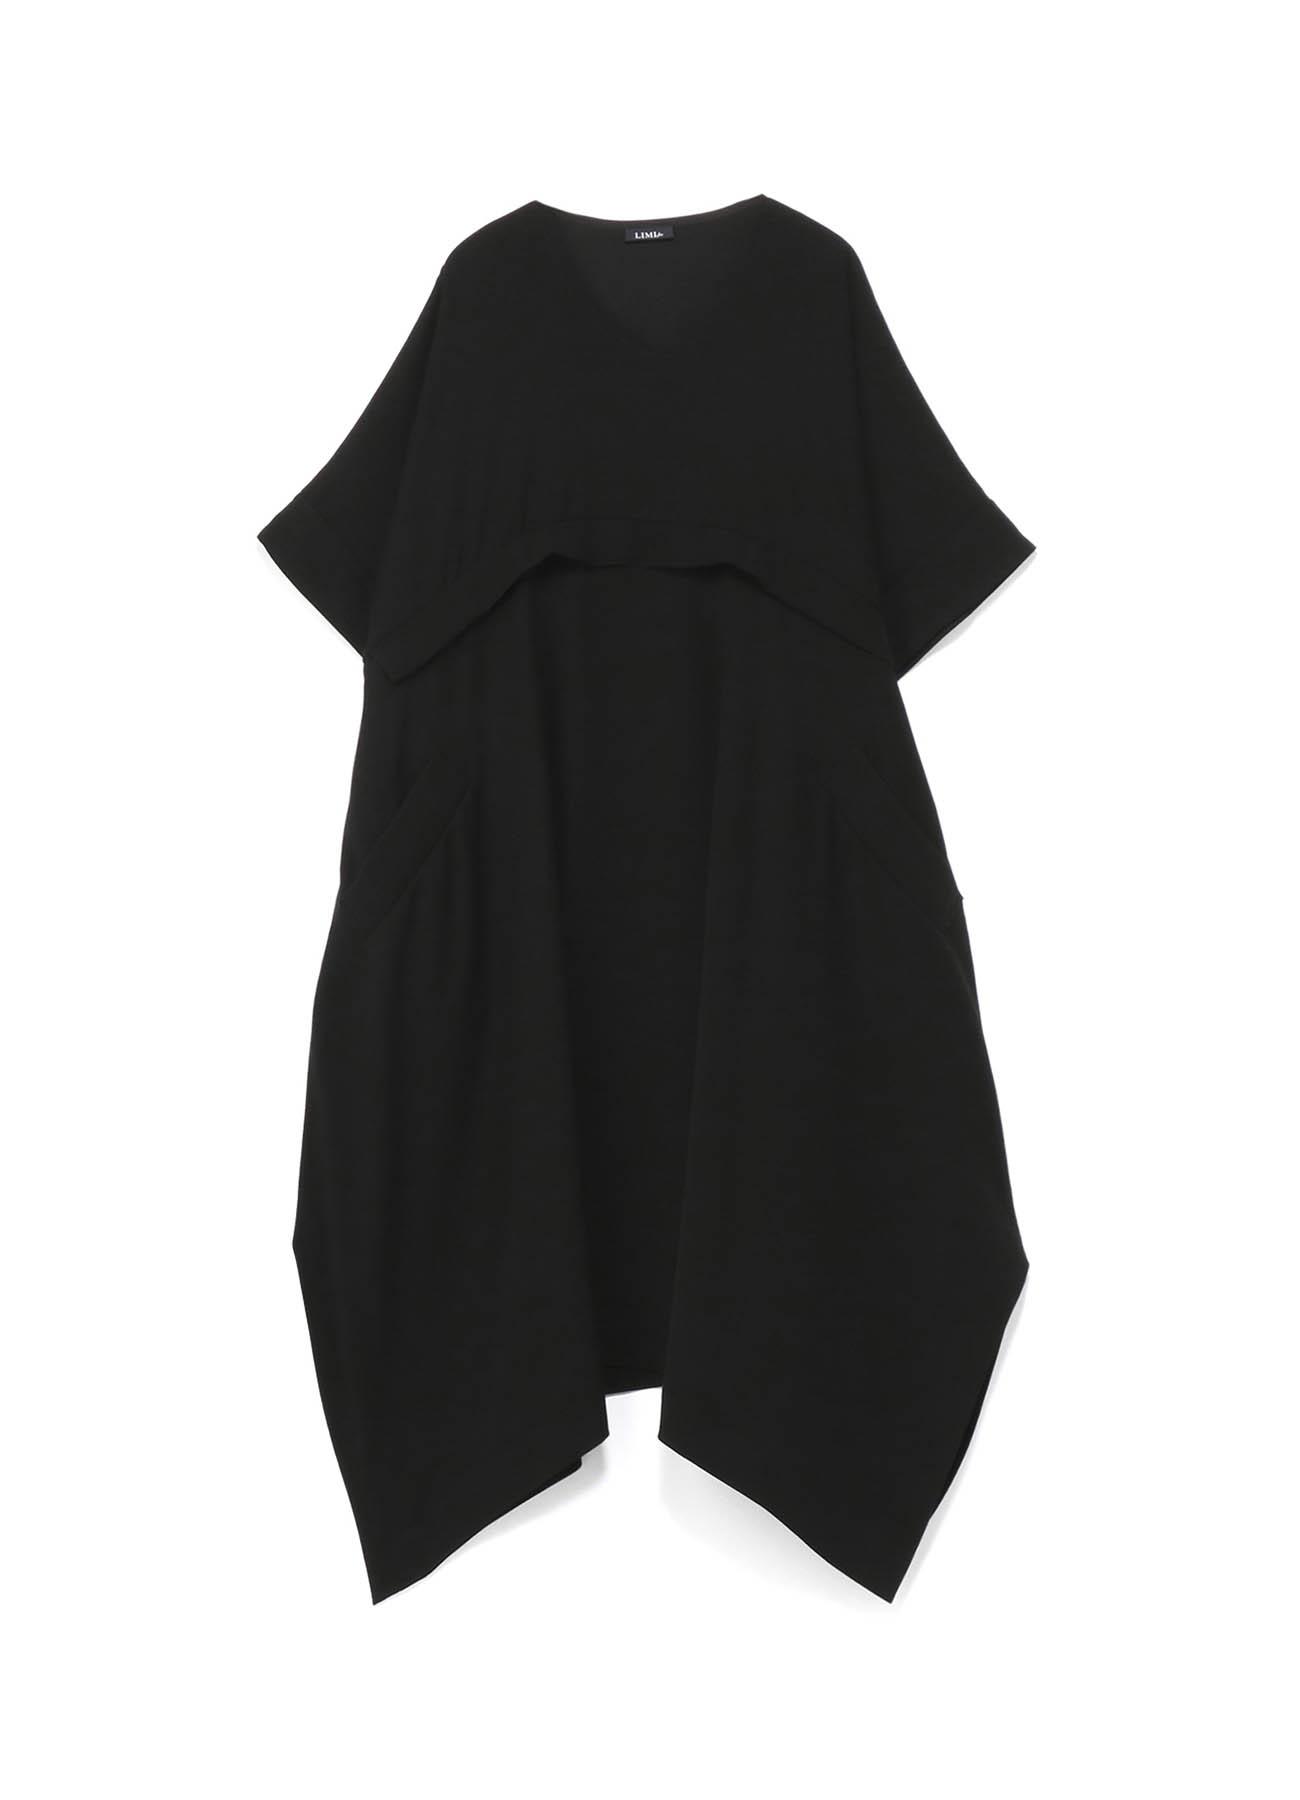 双色缎面V领喇叭形连衣裙A